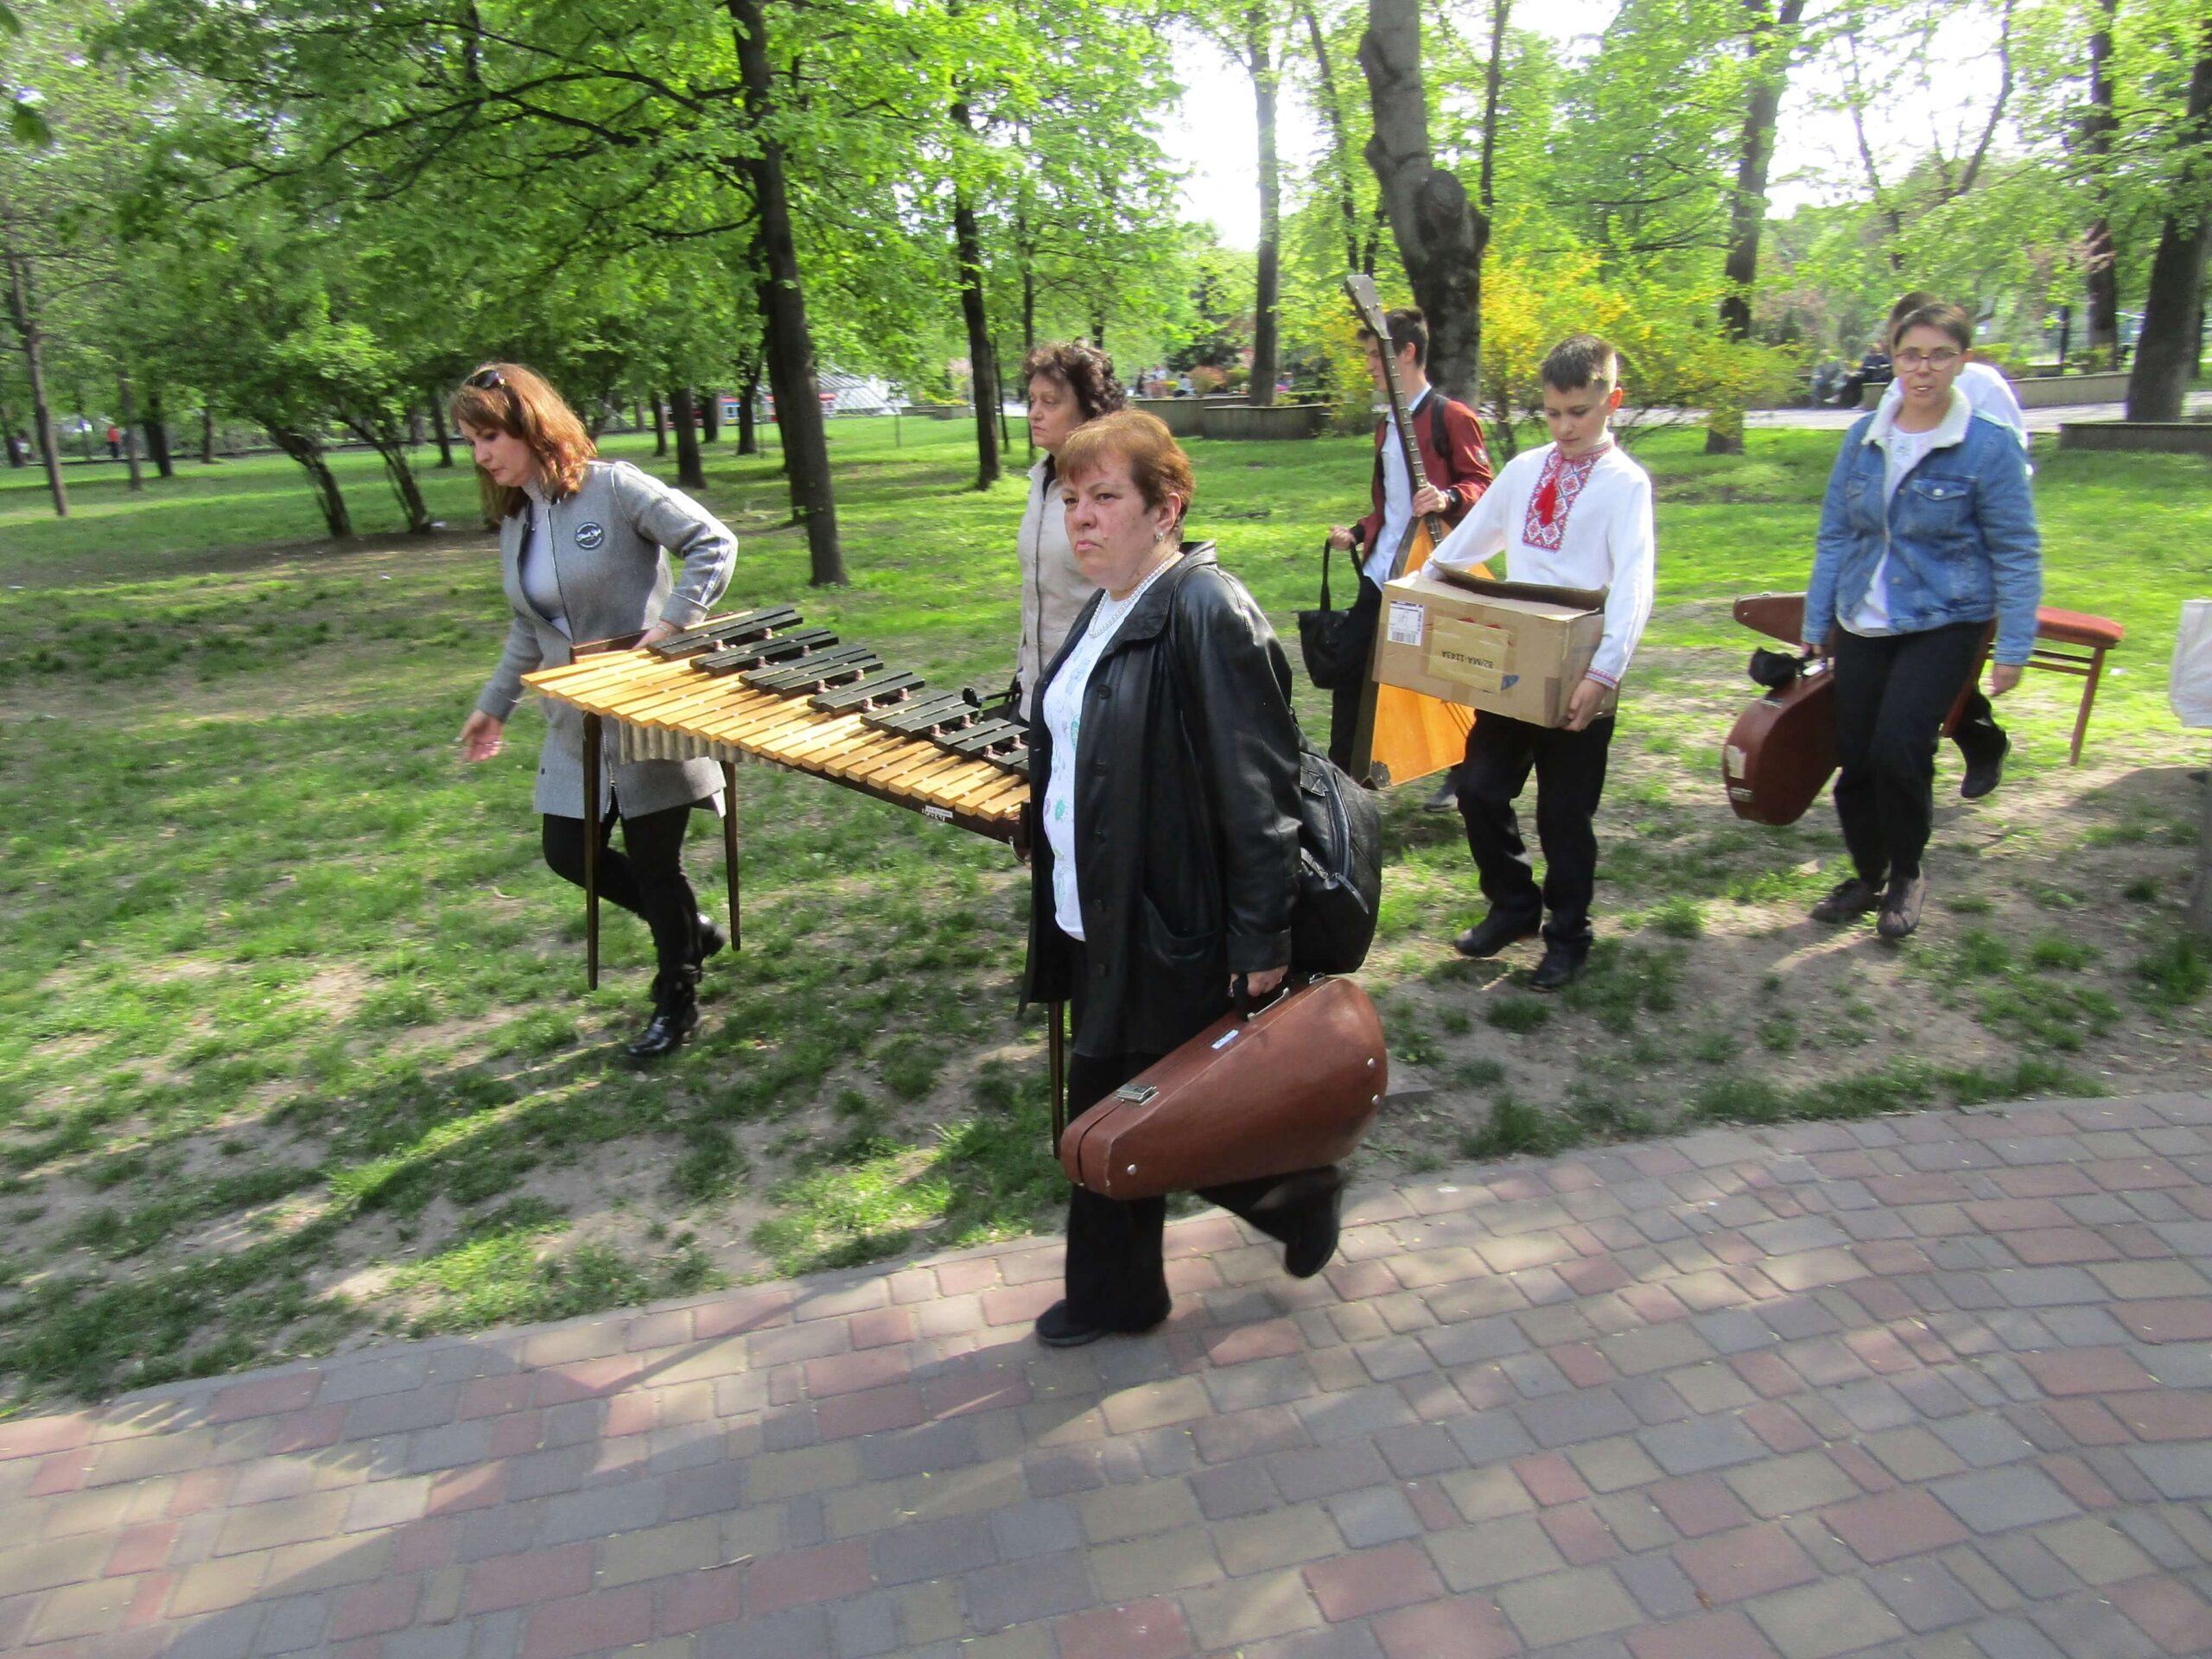 Фестиваль «Джазова весна» відбувся в парку Кам'янського - ФОТО